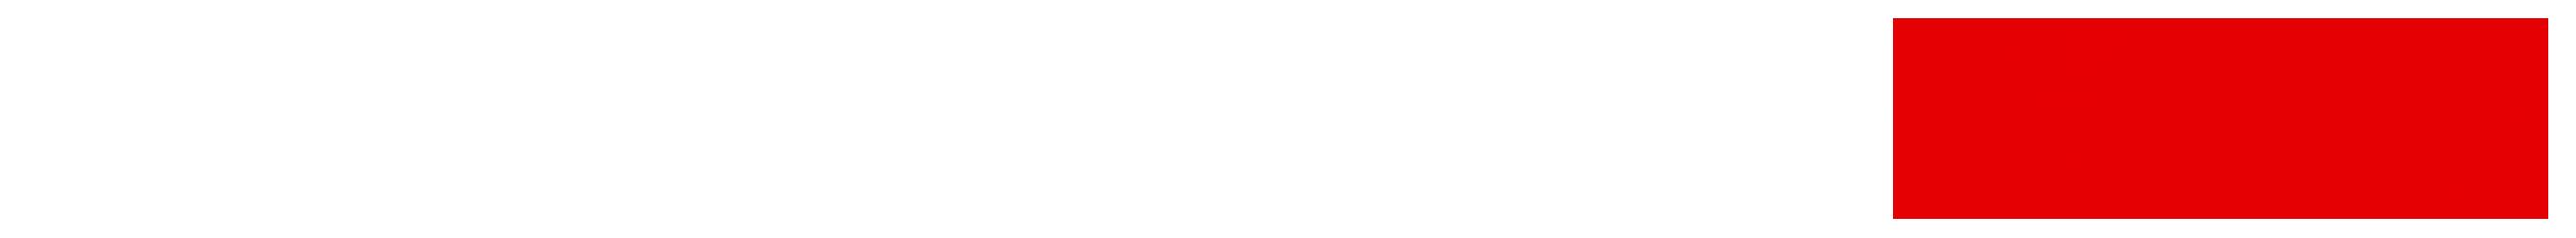 Konsultgruppen